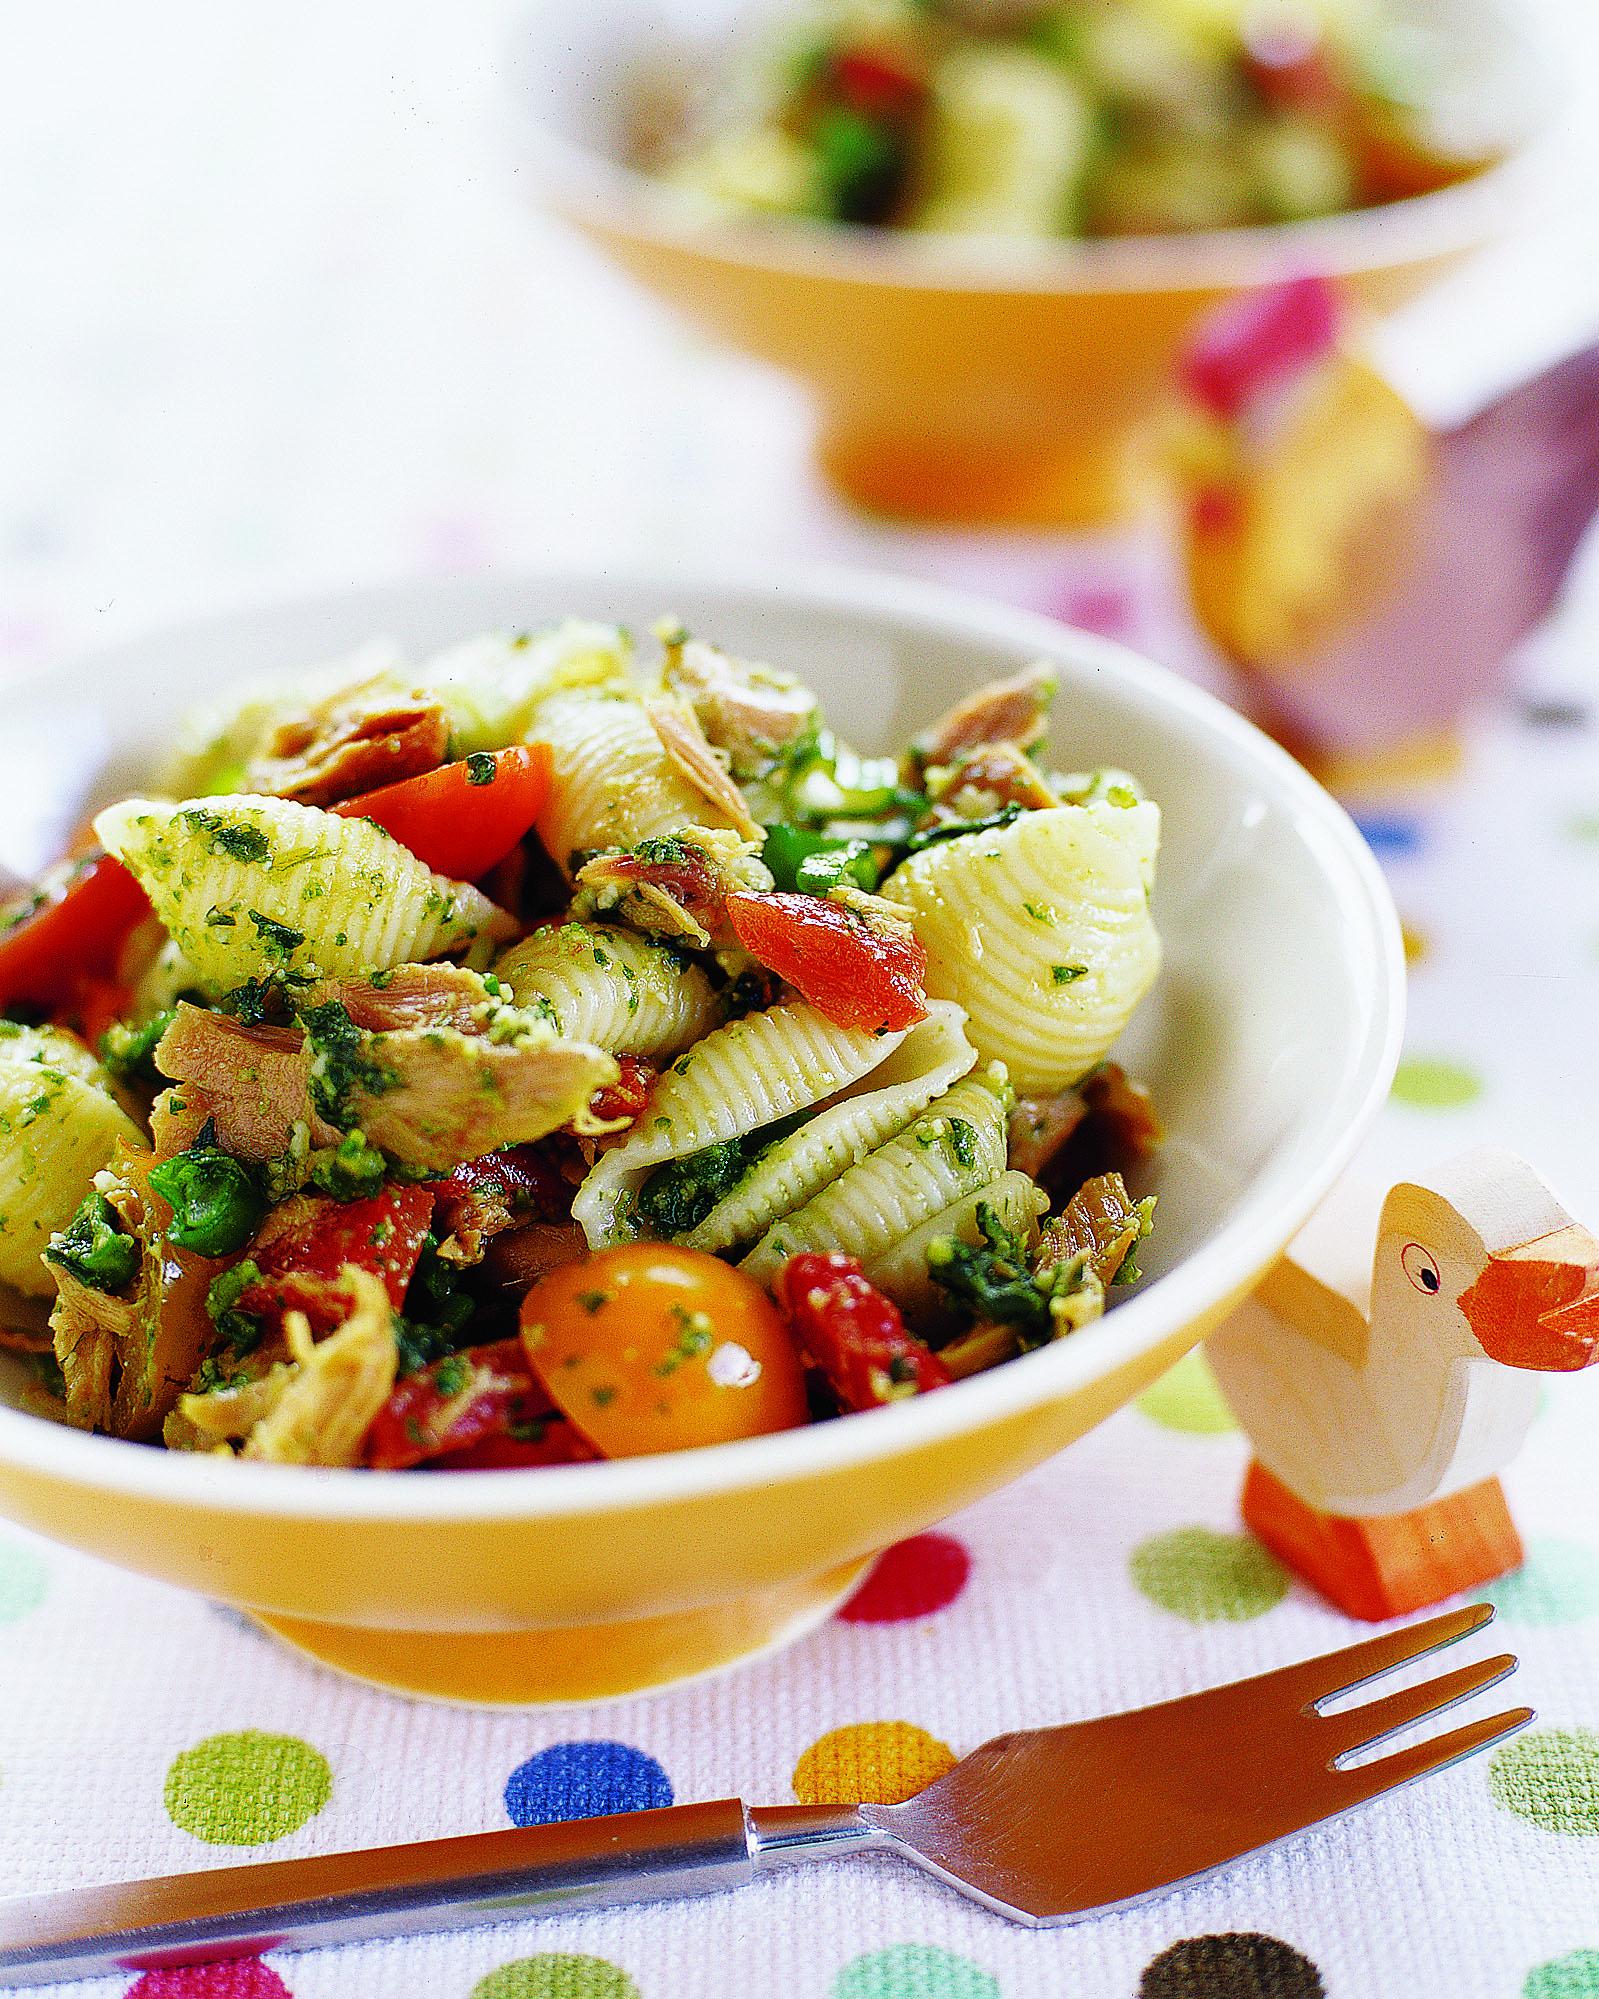 Not-Your-Mama's Tuna Salad